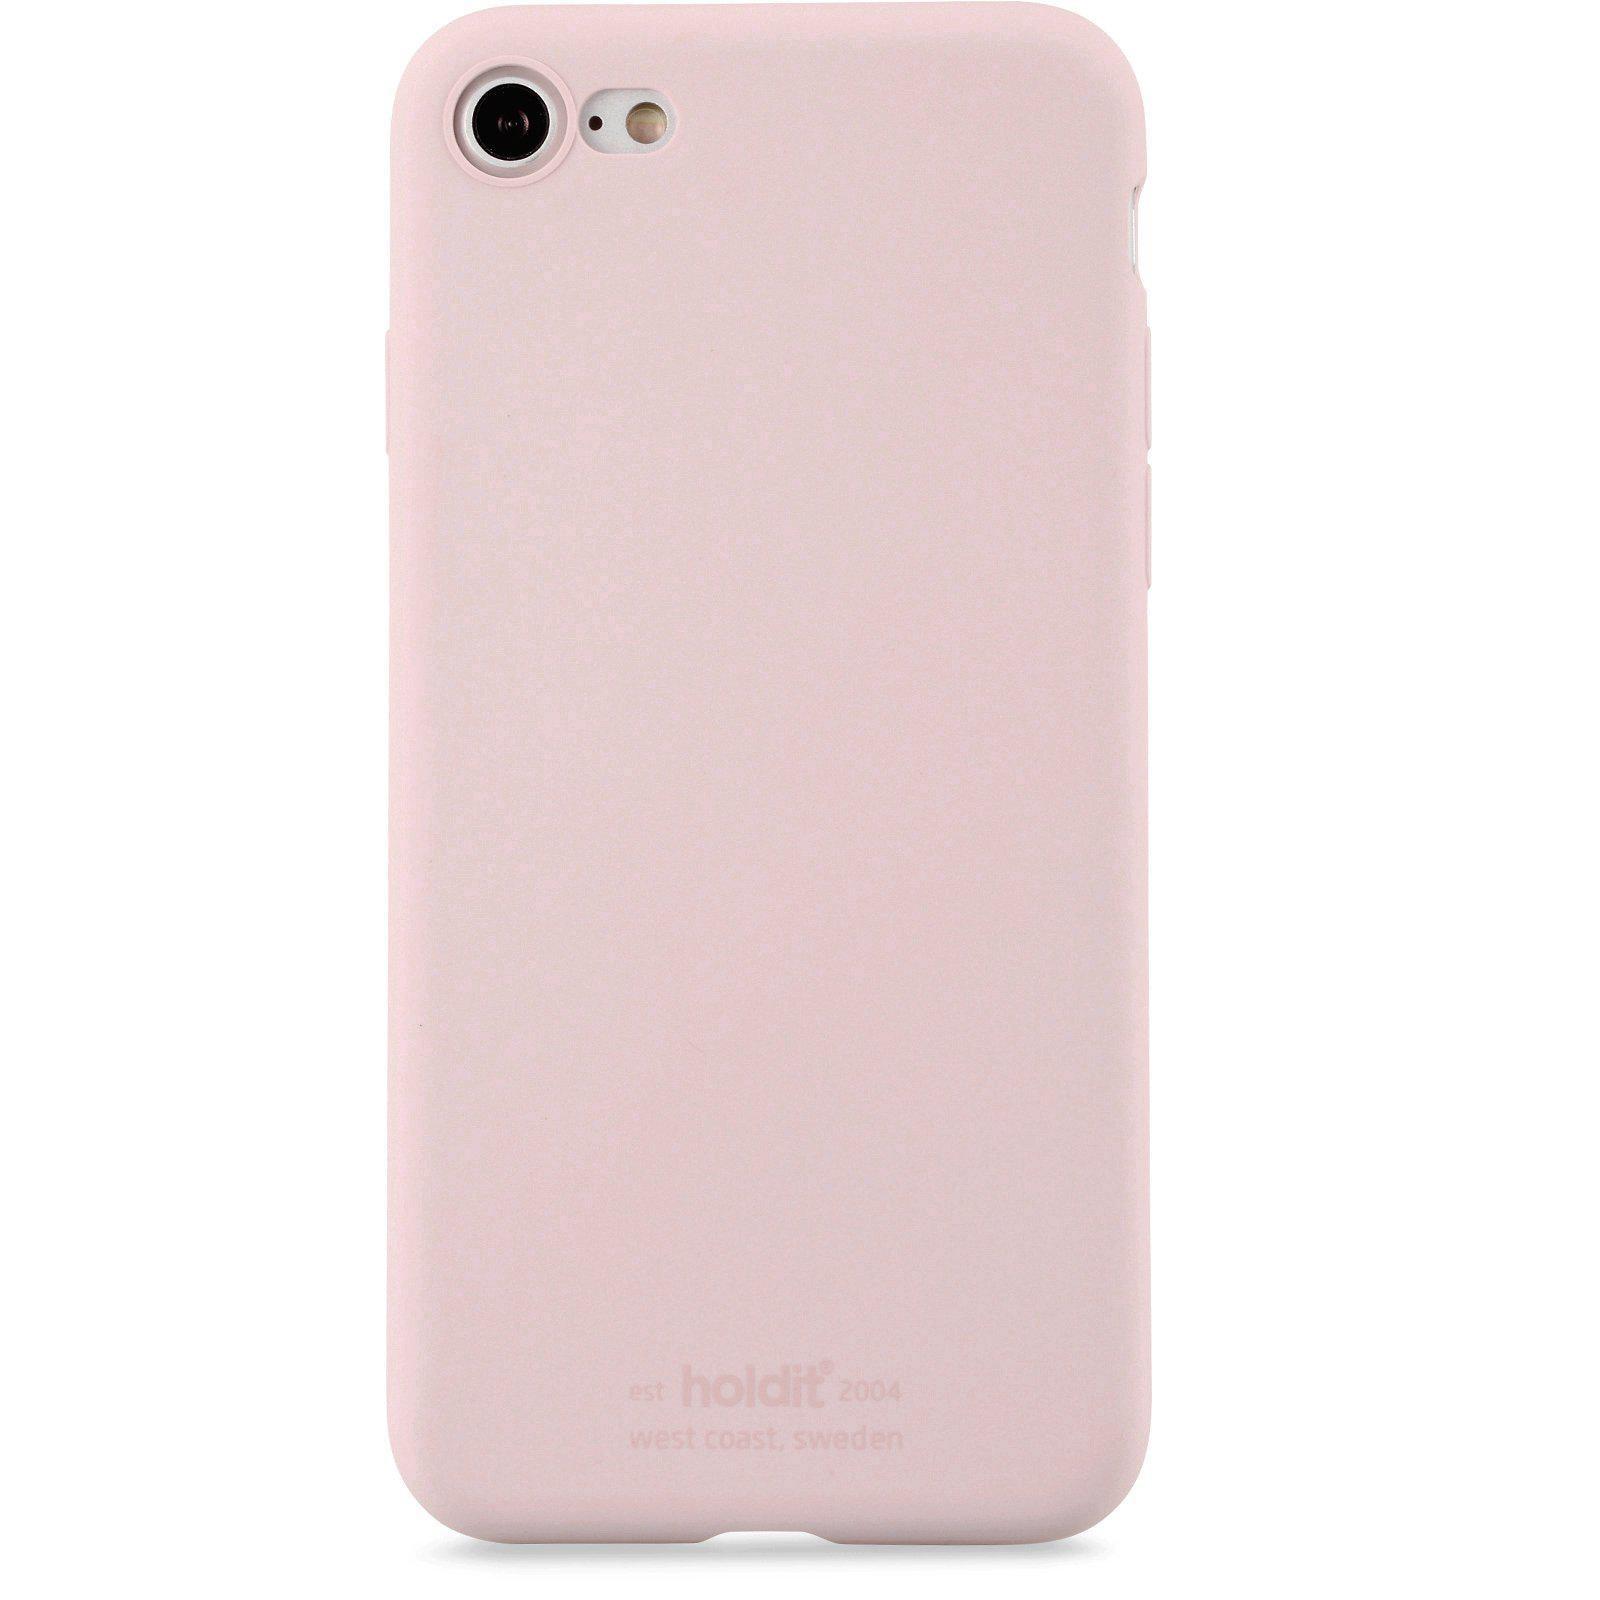 Deksel Silikon iPhone 7/8/SE 2020 Blush Pink